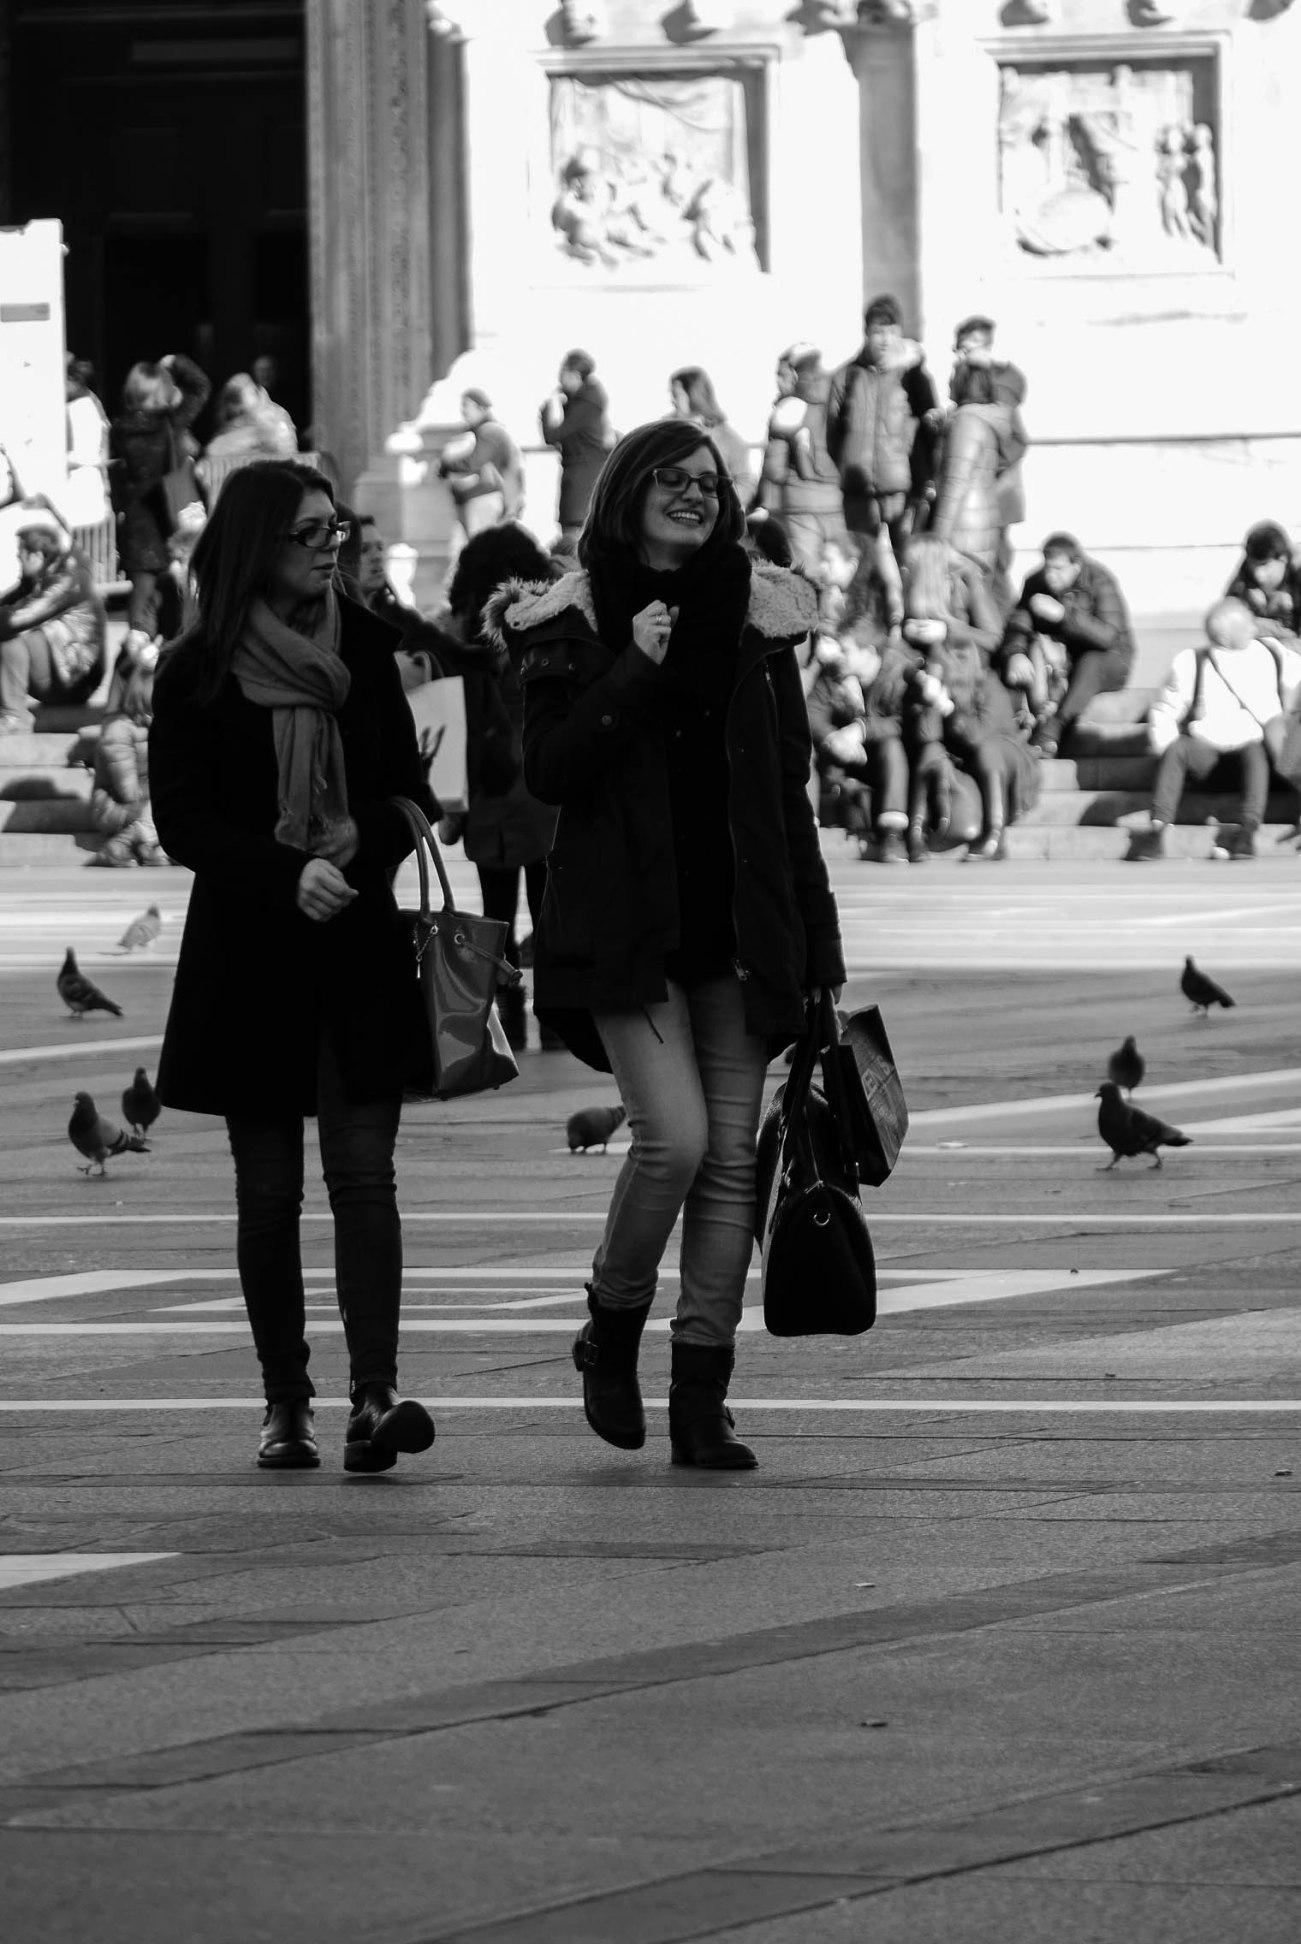 P1020760-2Getting around Duomo di Milano